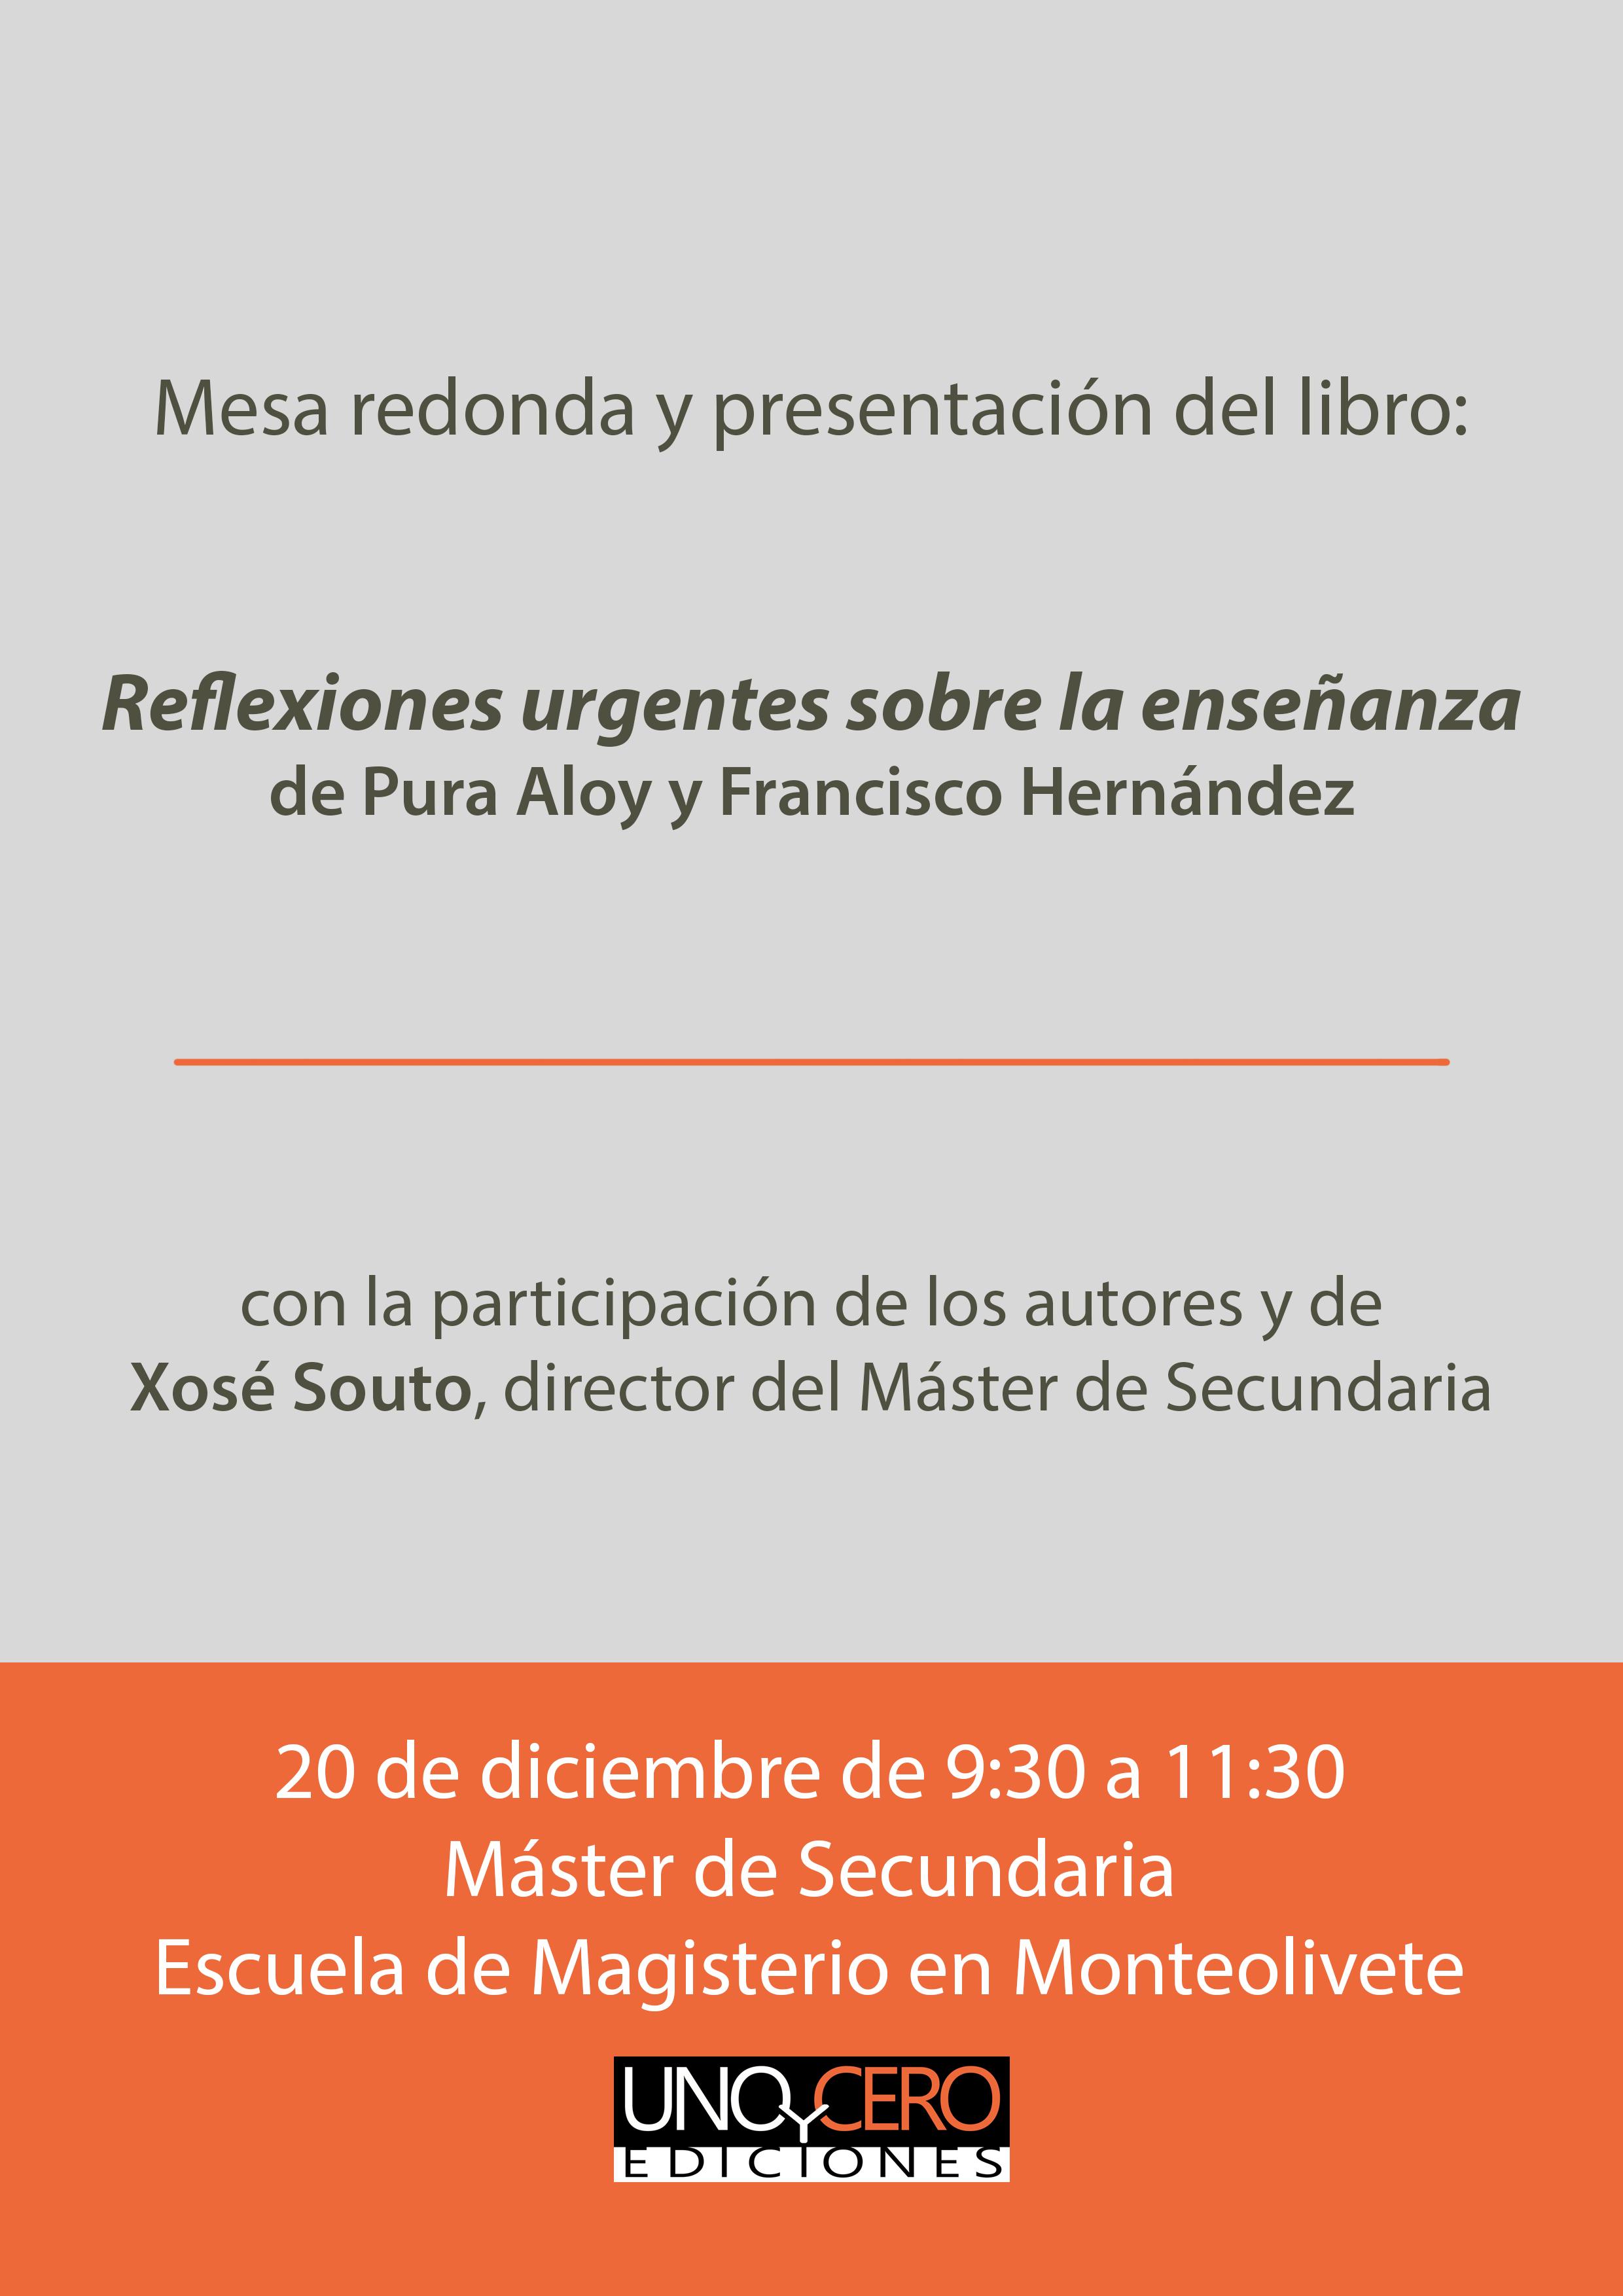 presentacion-ensenanza2016